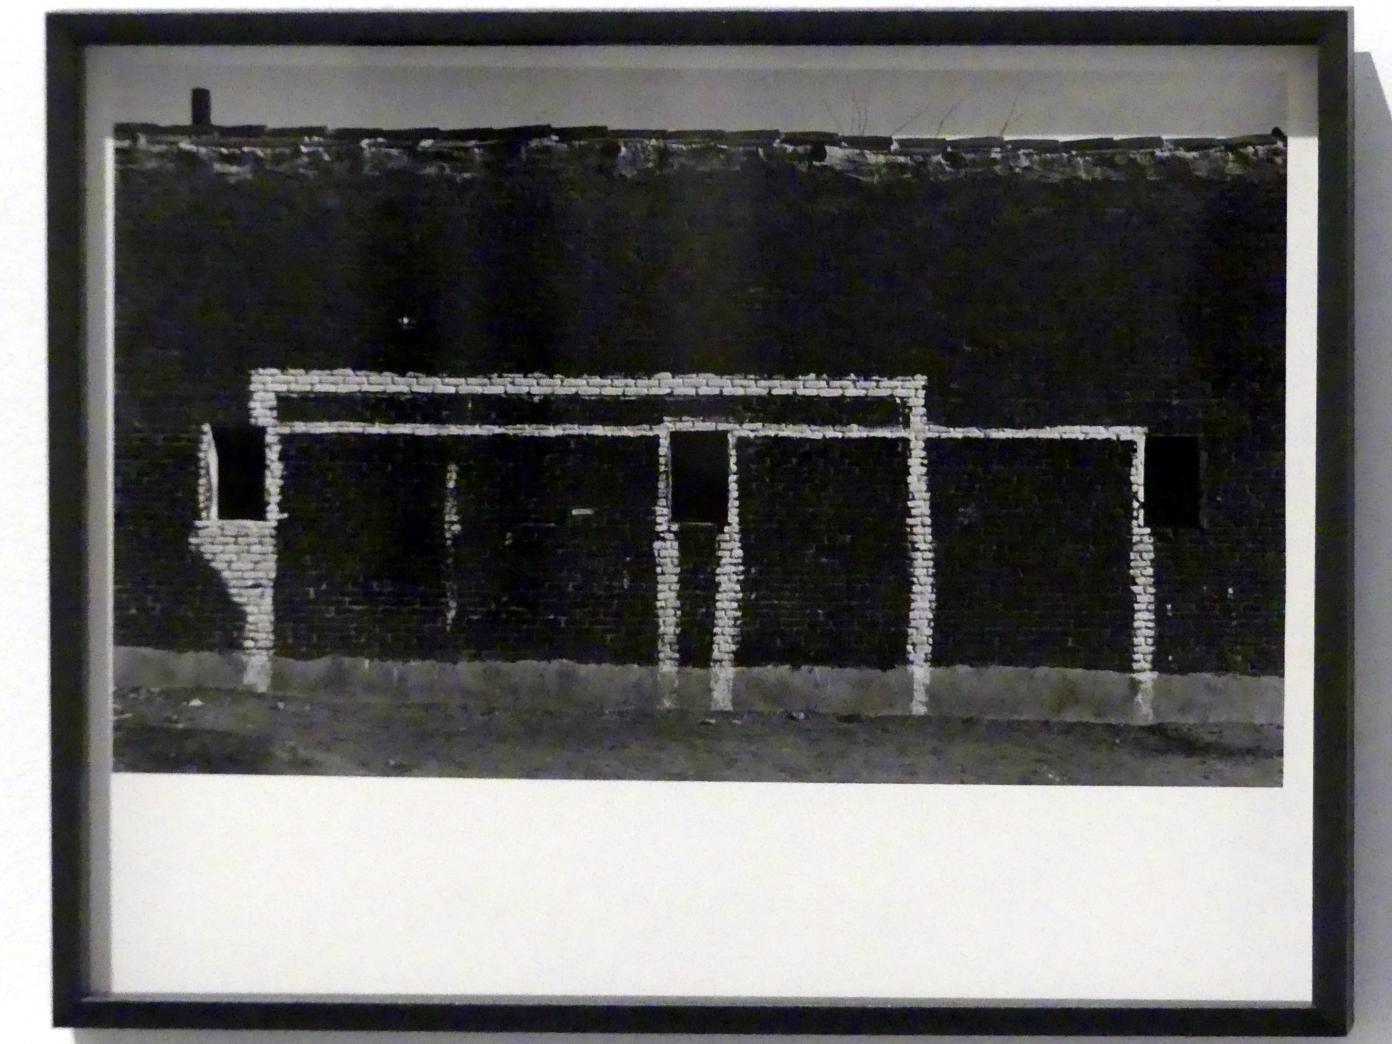 Francisco Gómez: Fußballtore an der Fassade, 1961